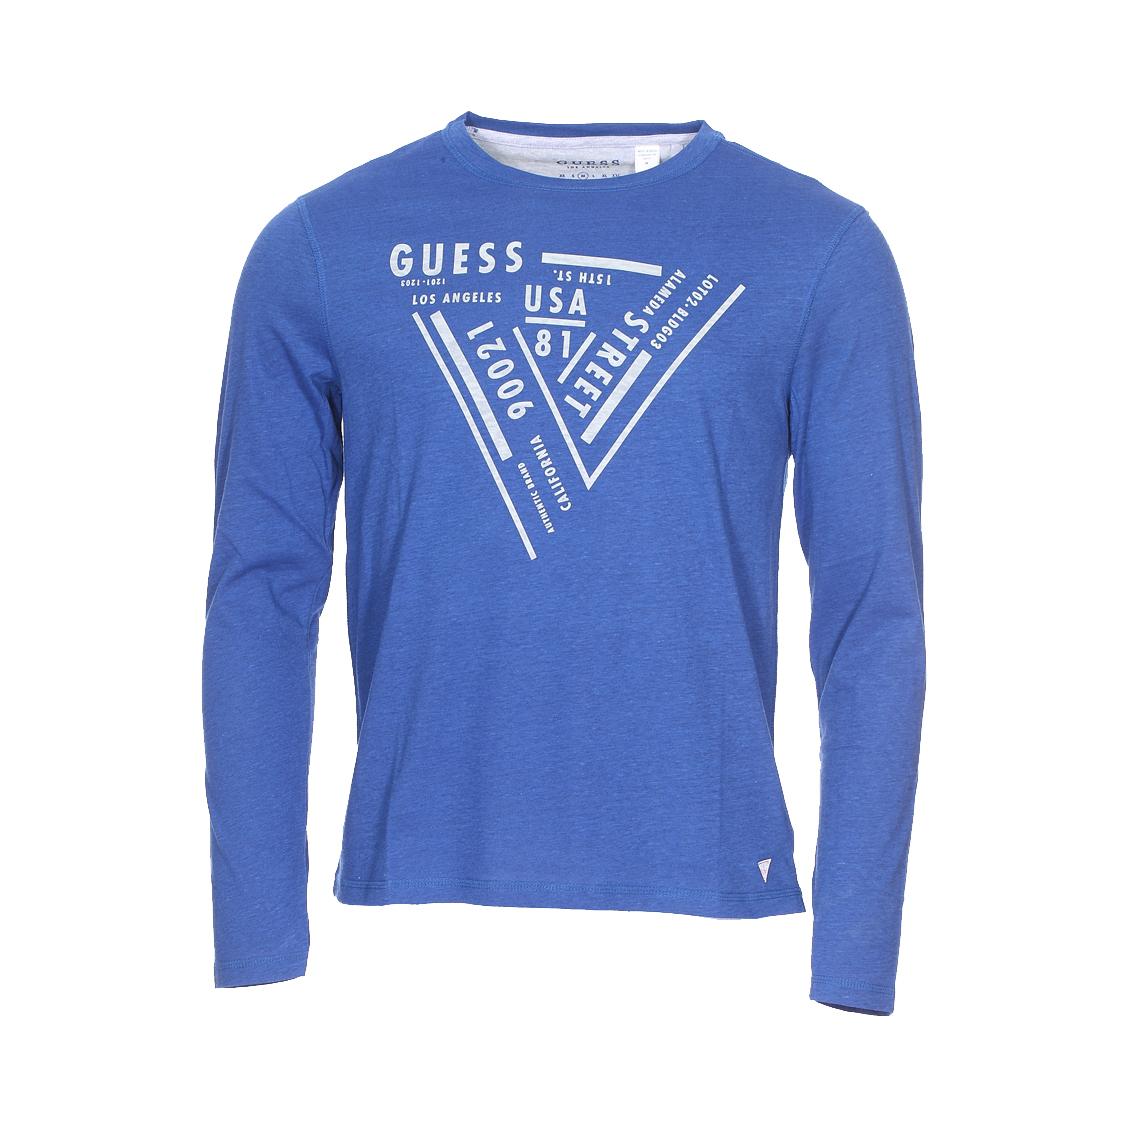 Tee-shirt col rond manches longues guess en coton mélangé bleu indigo chiné floqué